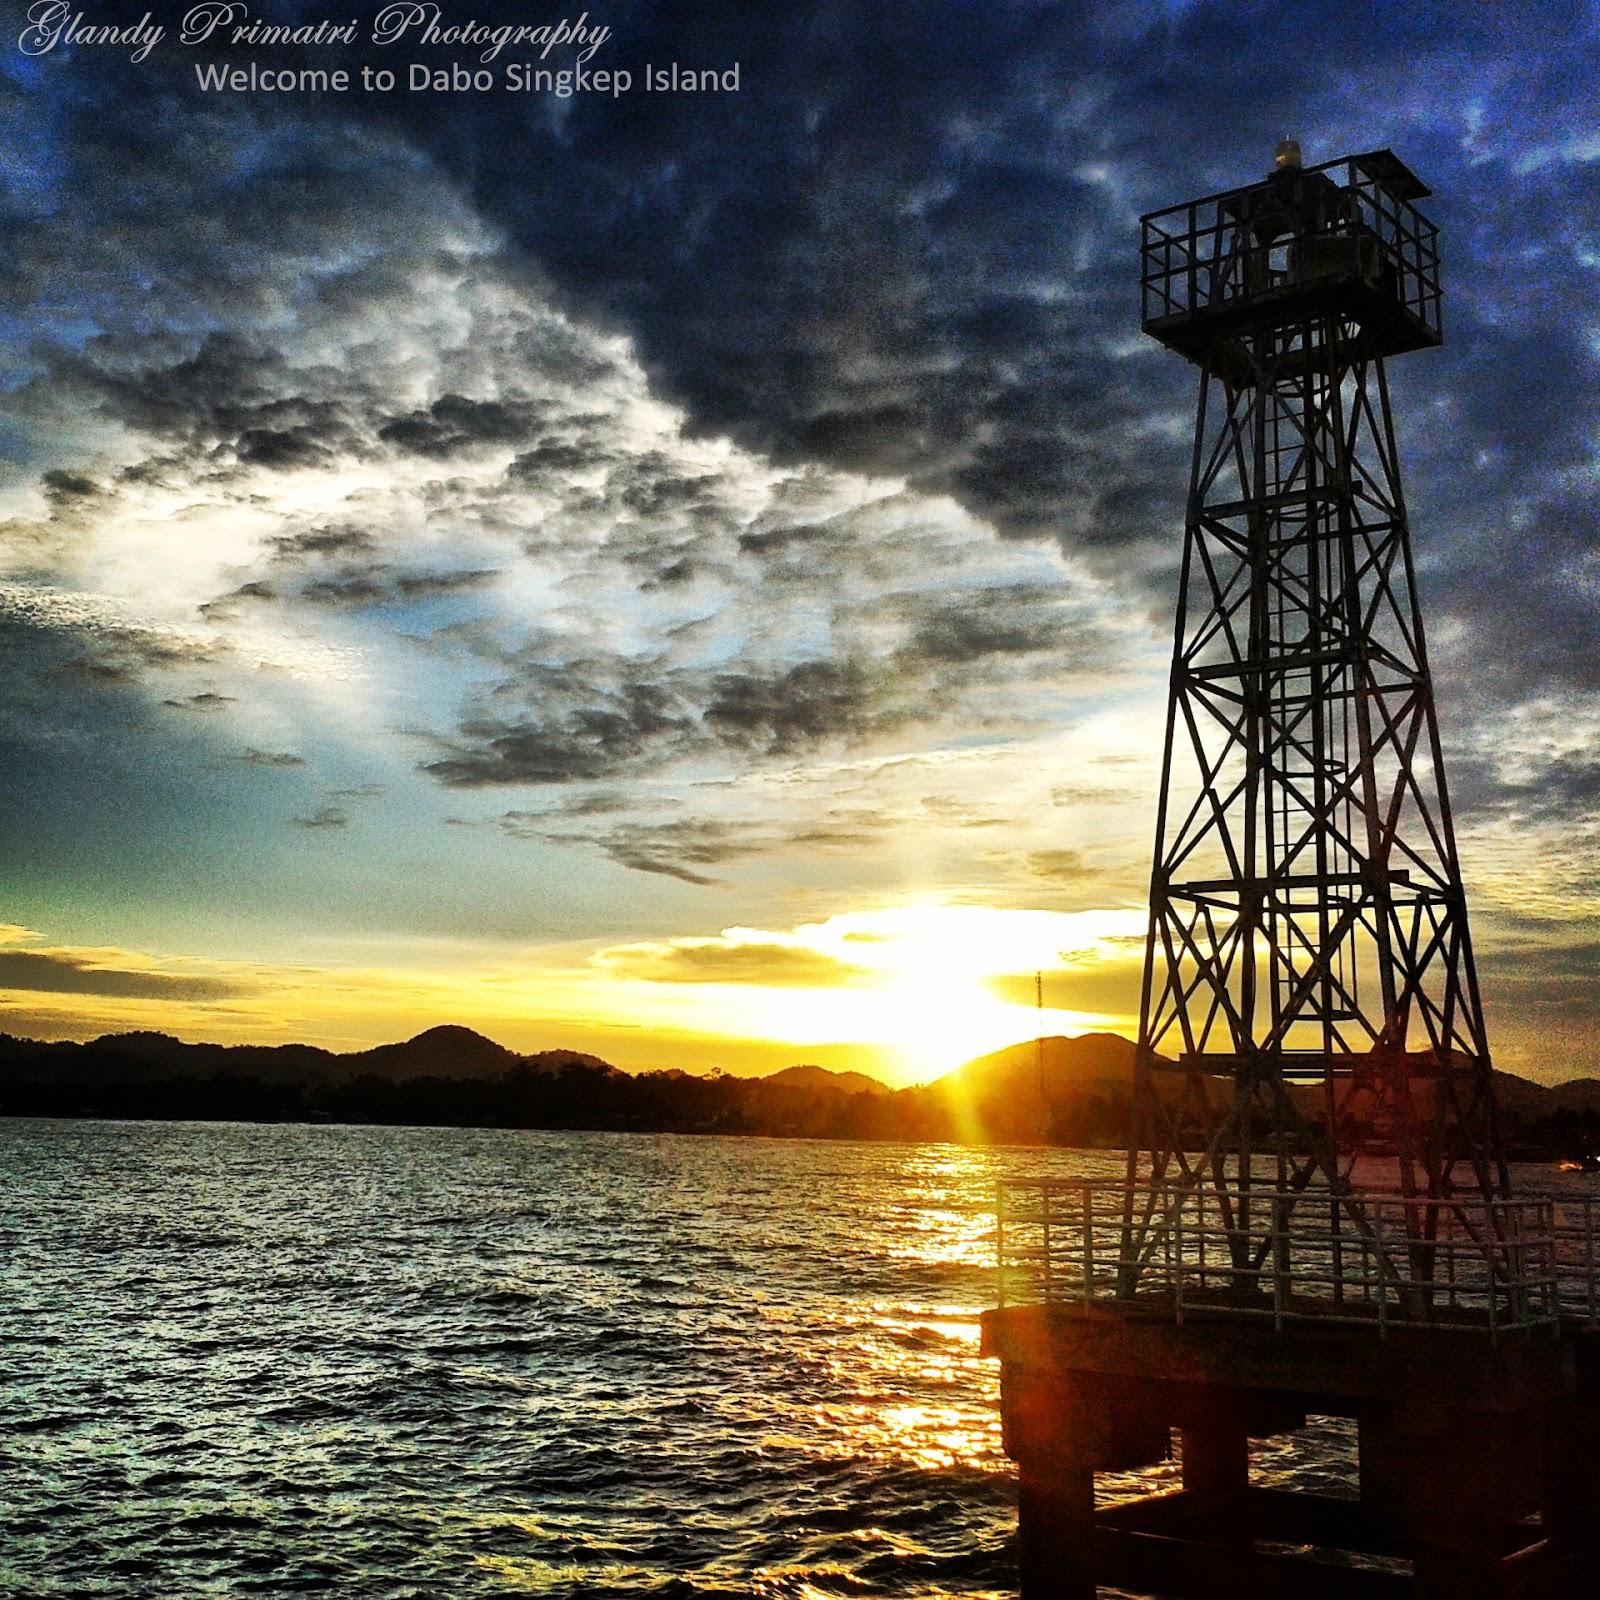 Dabo Singkep, angkutan, laut, pelabuhan, foto